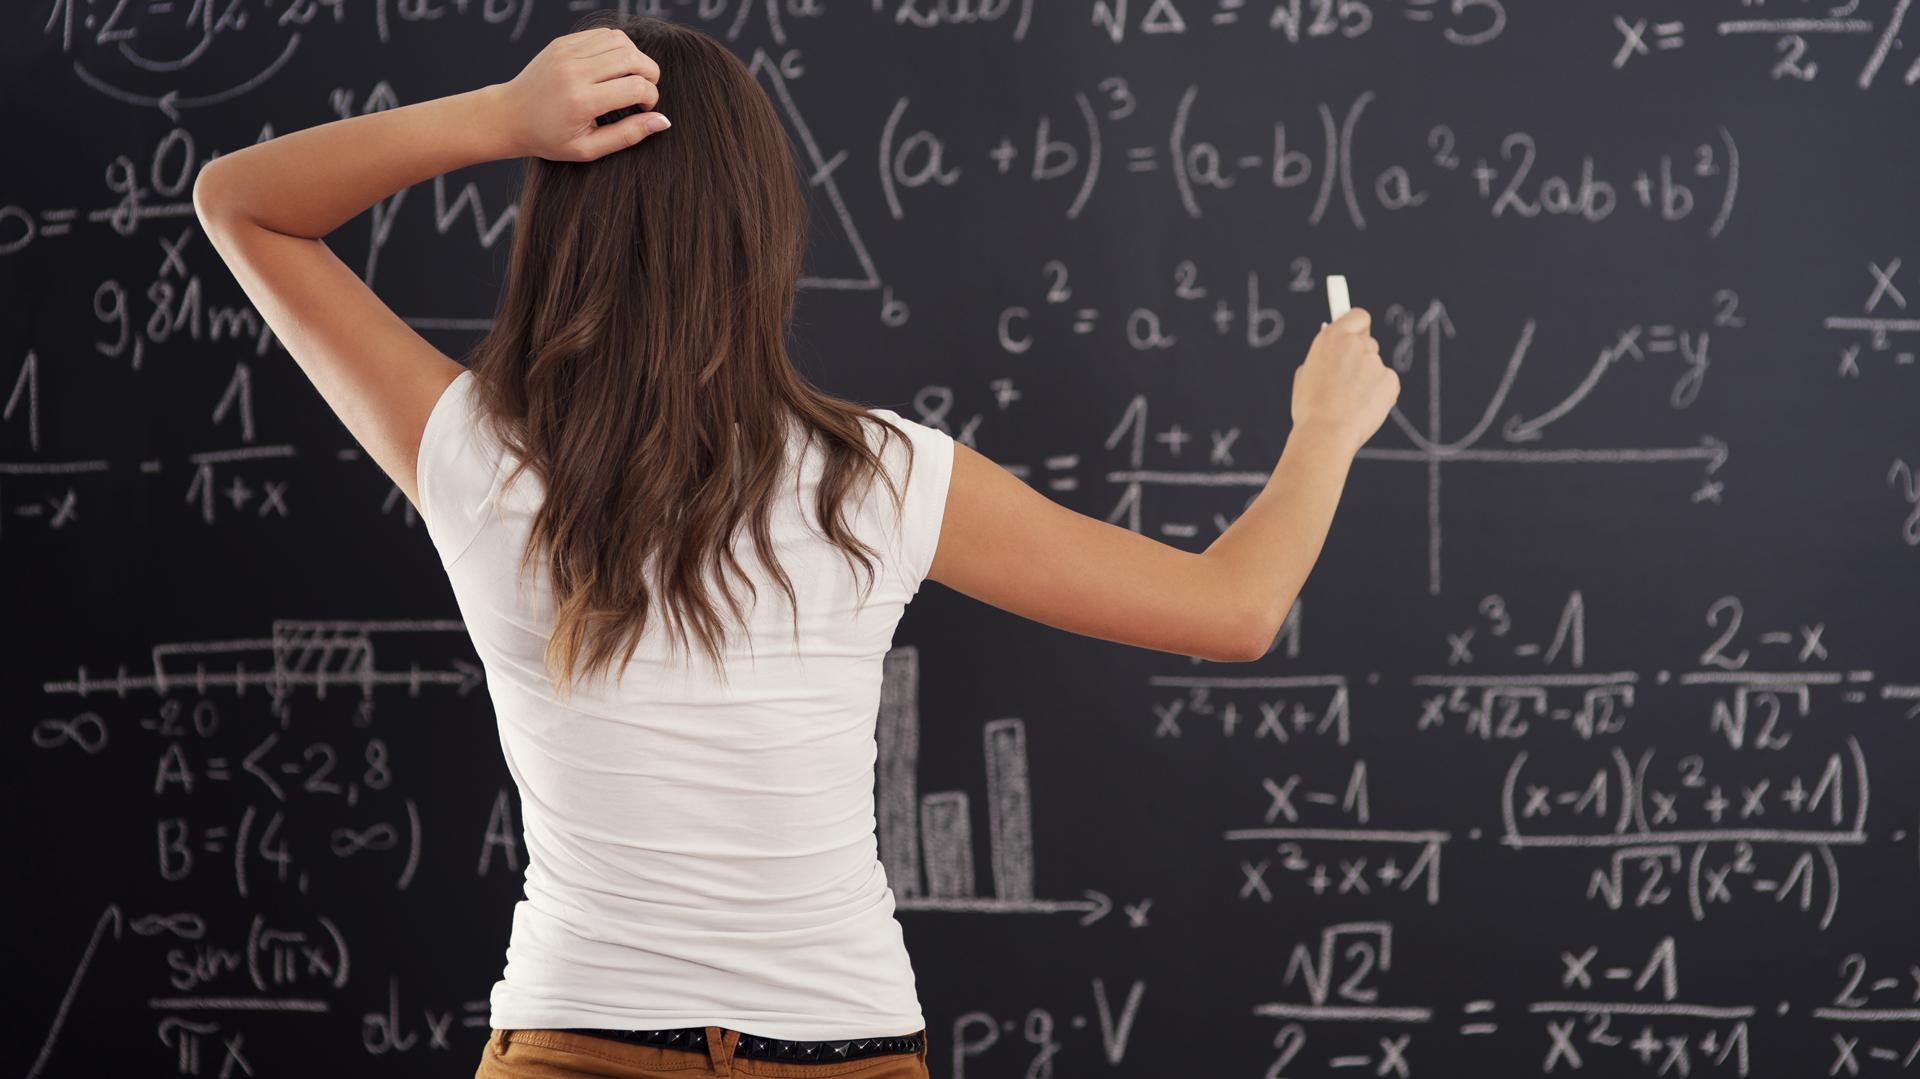 Al alejarse de la matemática, las niñas la practican menos; eso genera mayor distanciamiento, en un círculo vicioso particularmente malo en un mundocon la tecnología en su centro. (iStock)